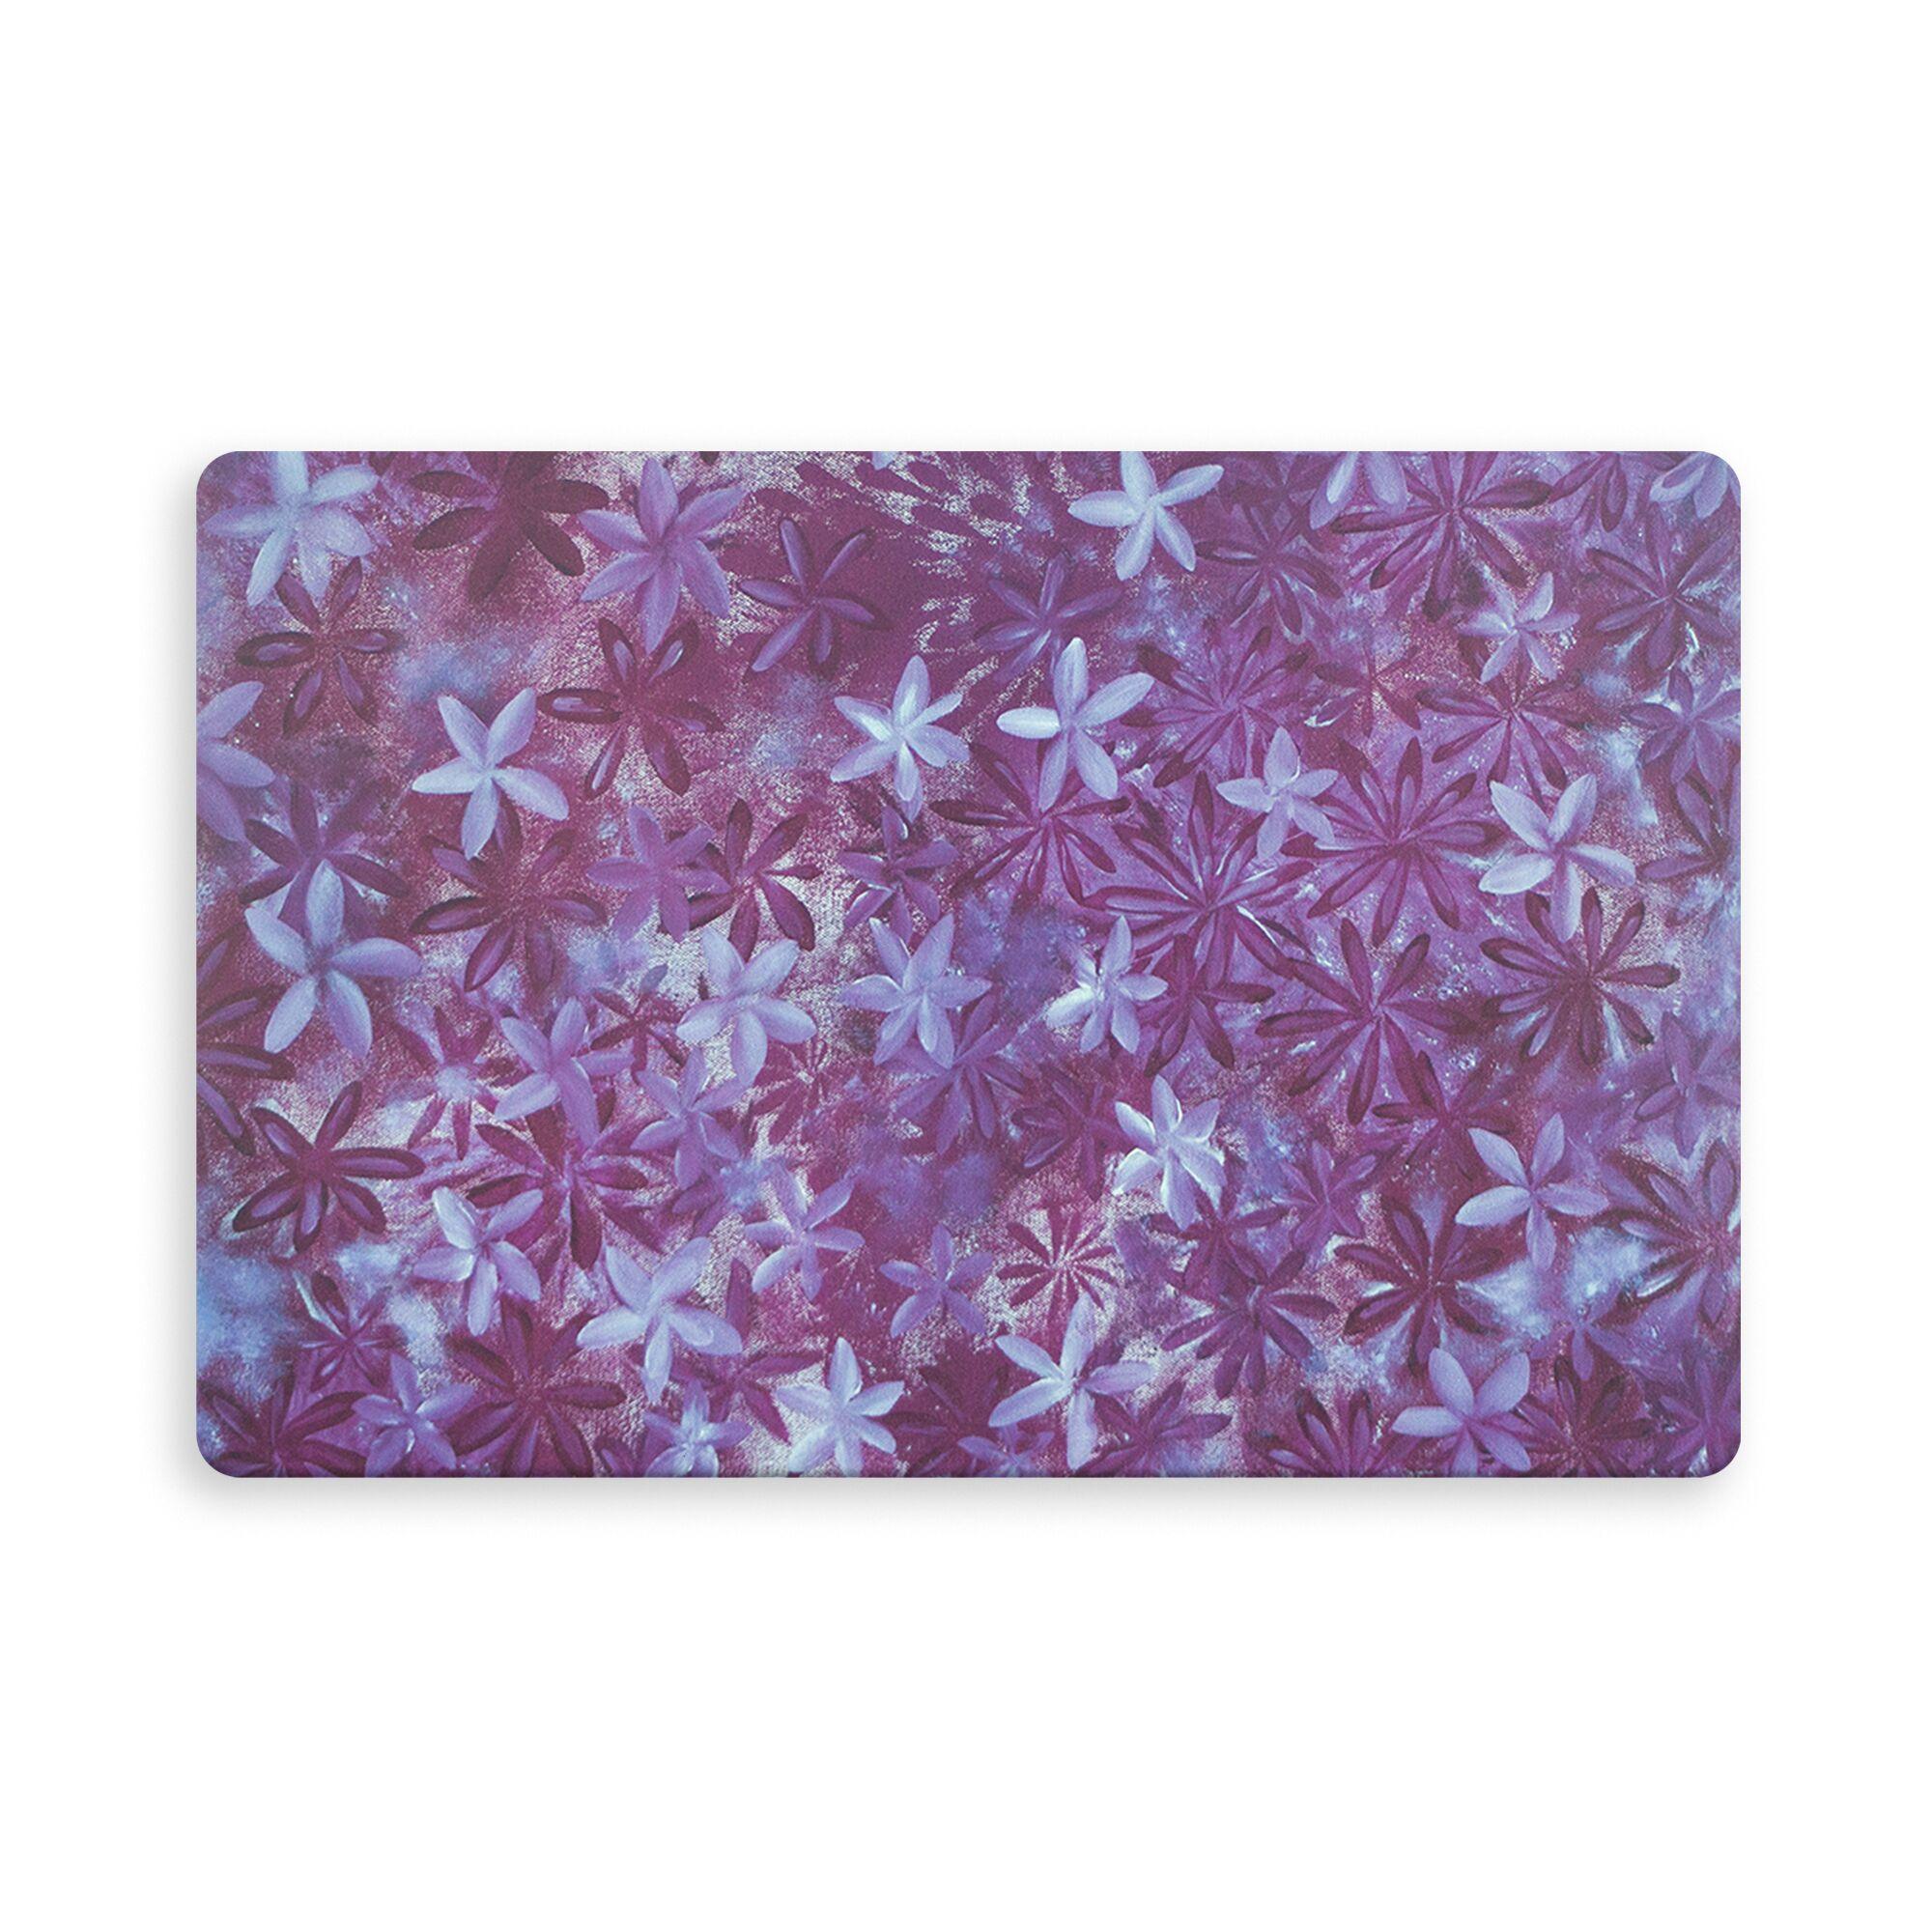 Hiles Flower Spree Indoor/Outdoor Doormat Mat Size: Rectangle 2'6